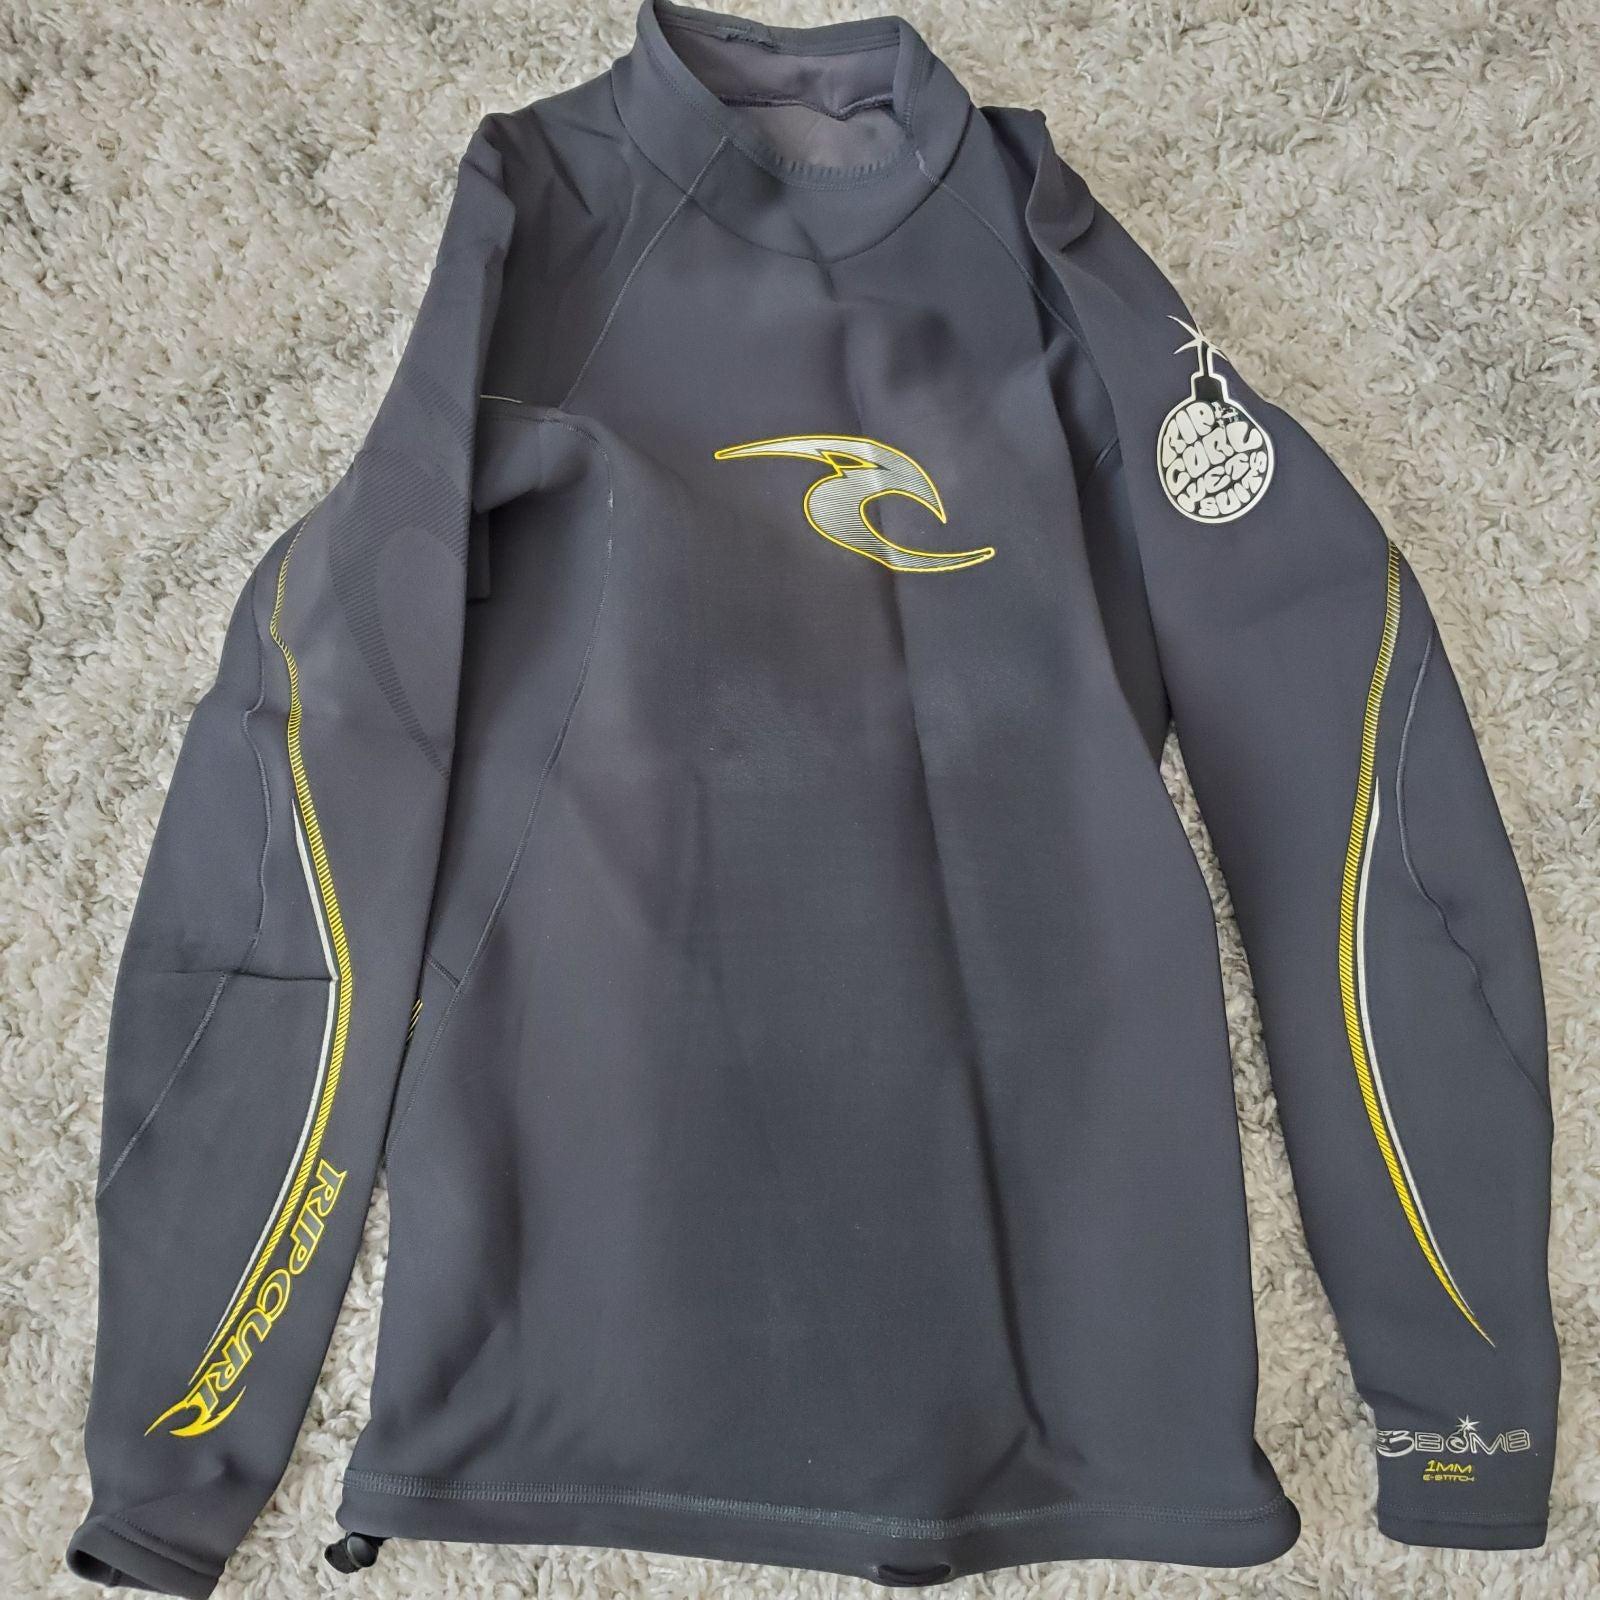 wetsuit jacket